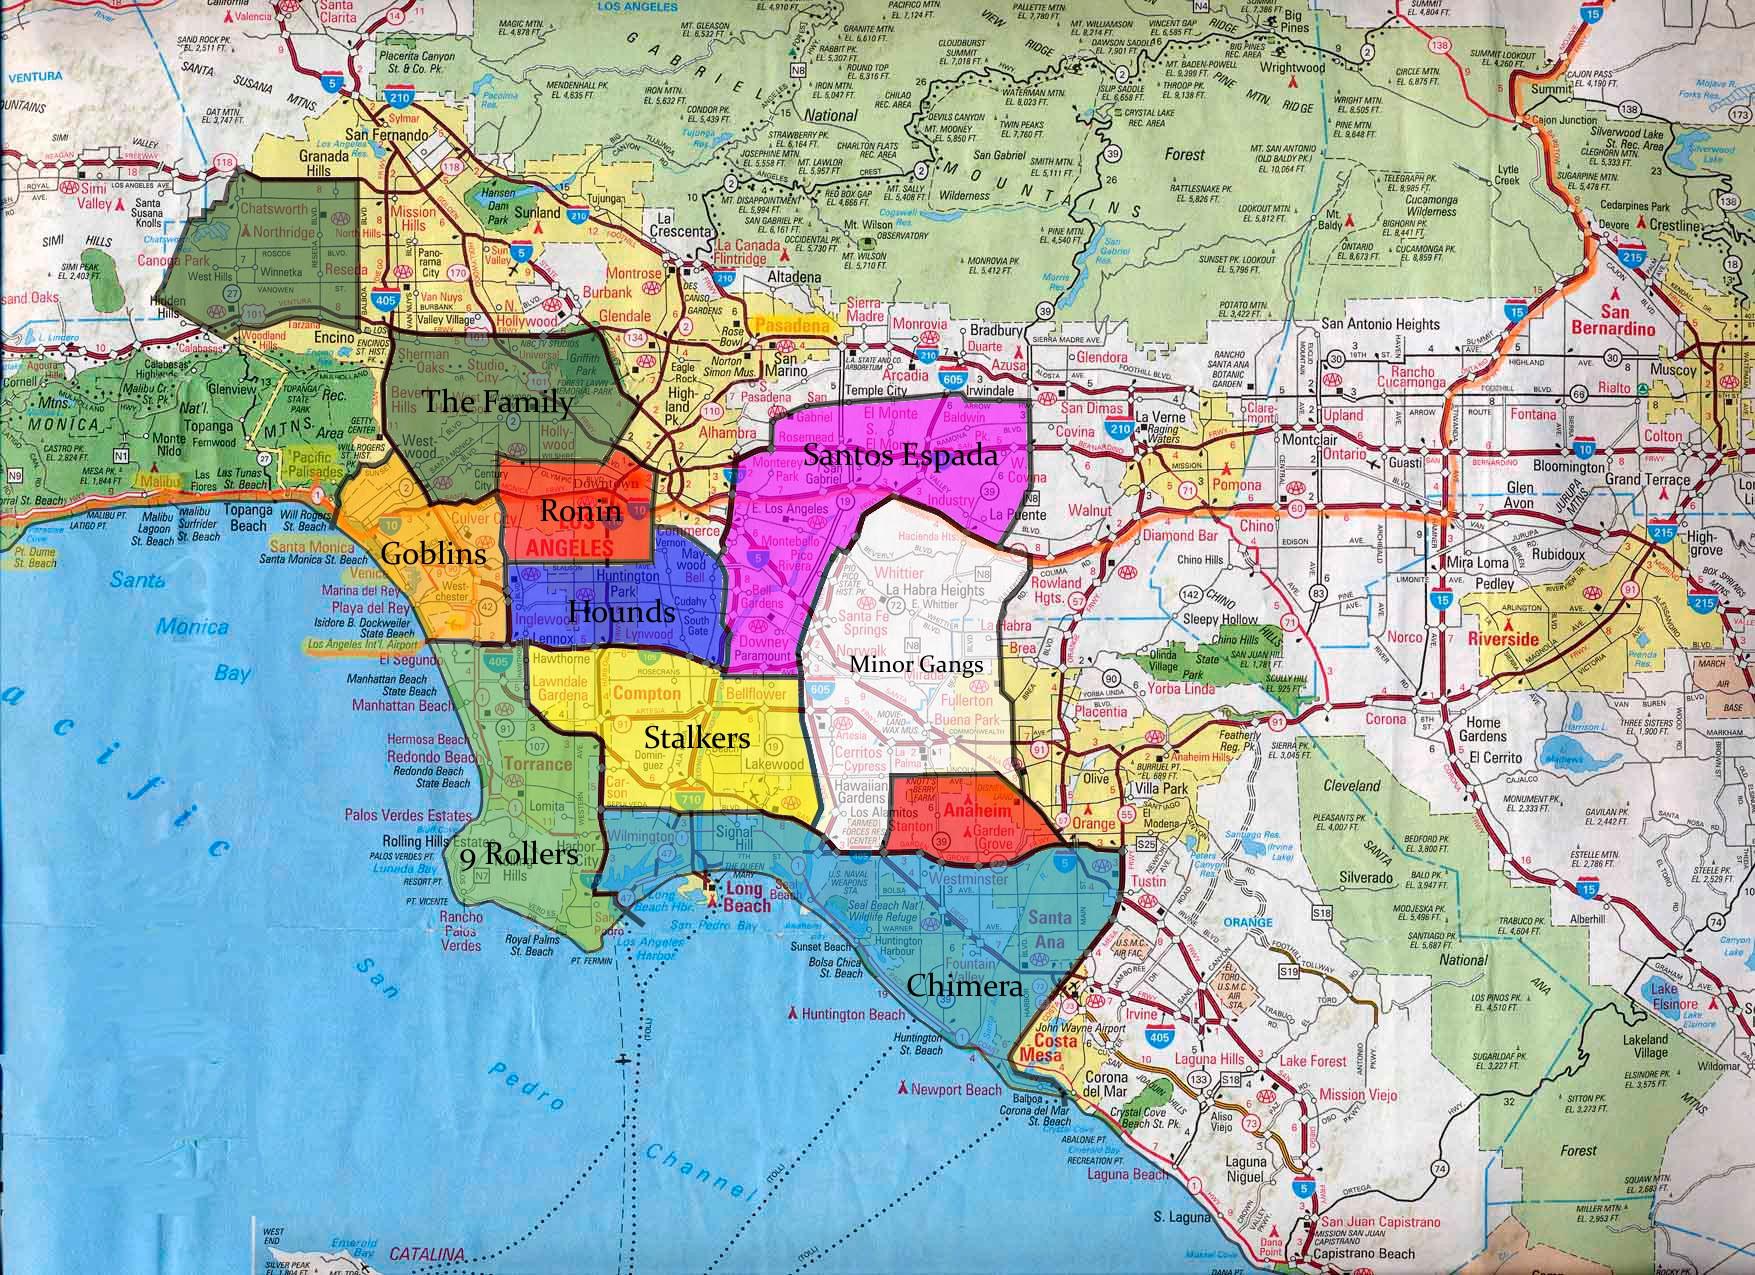 LA Gangs  Los Angeles Police Department